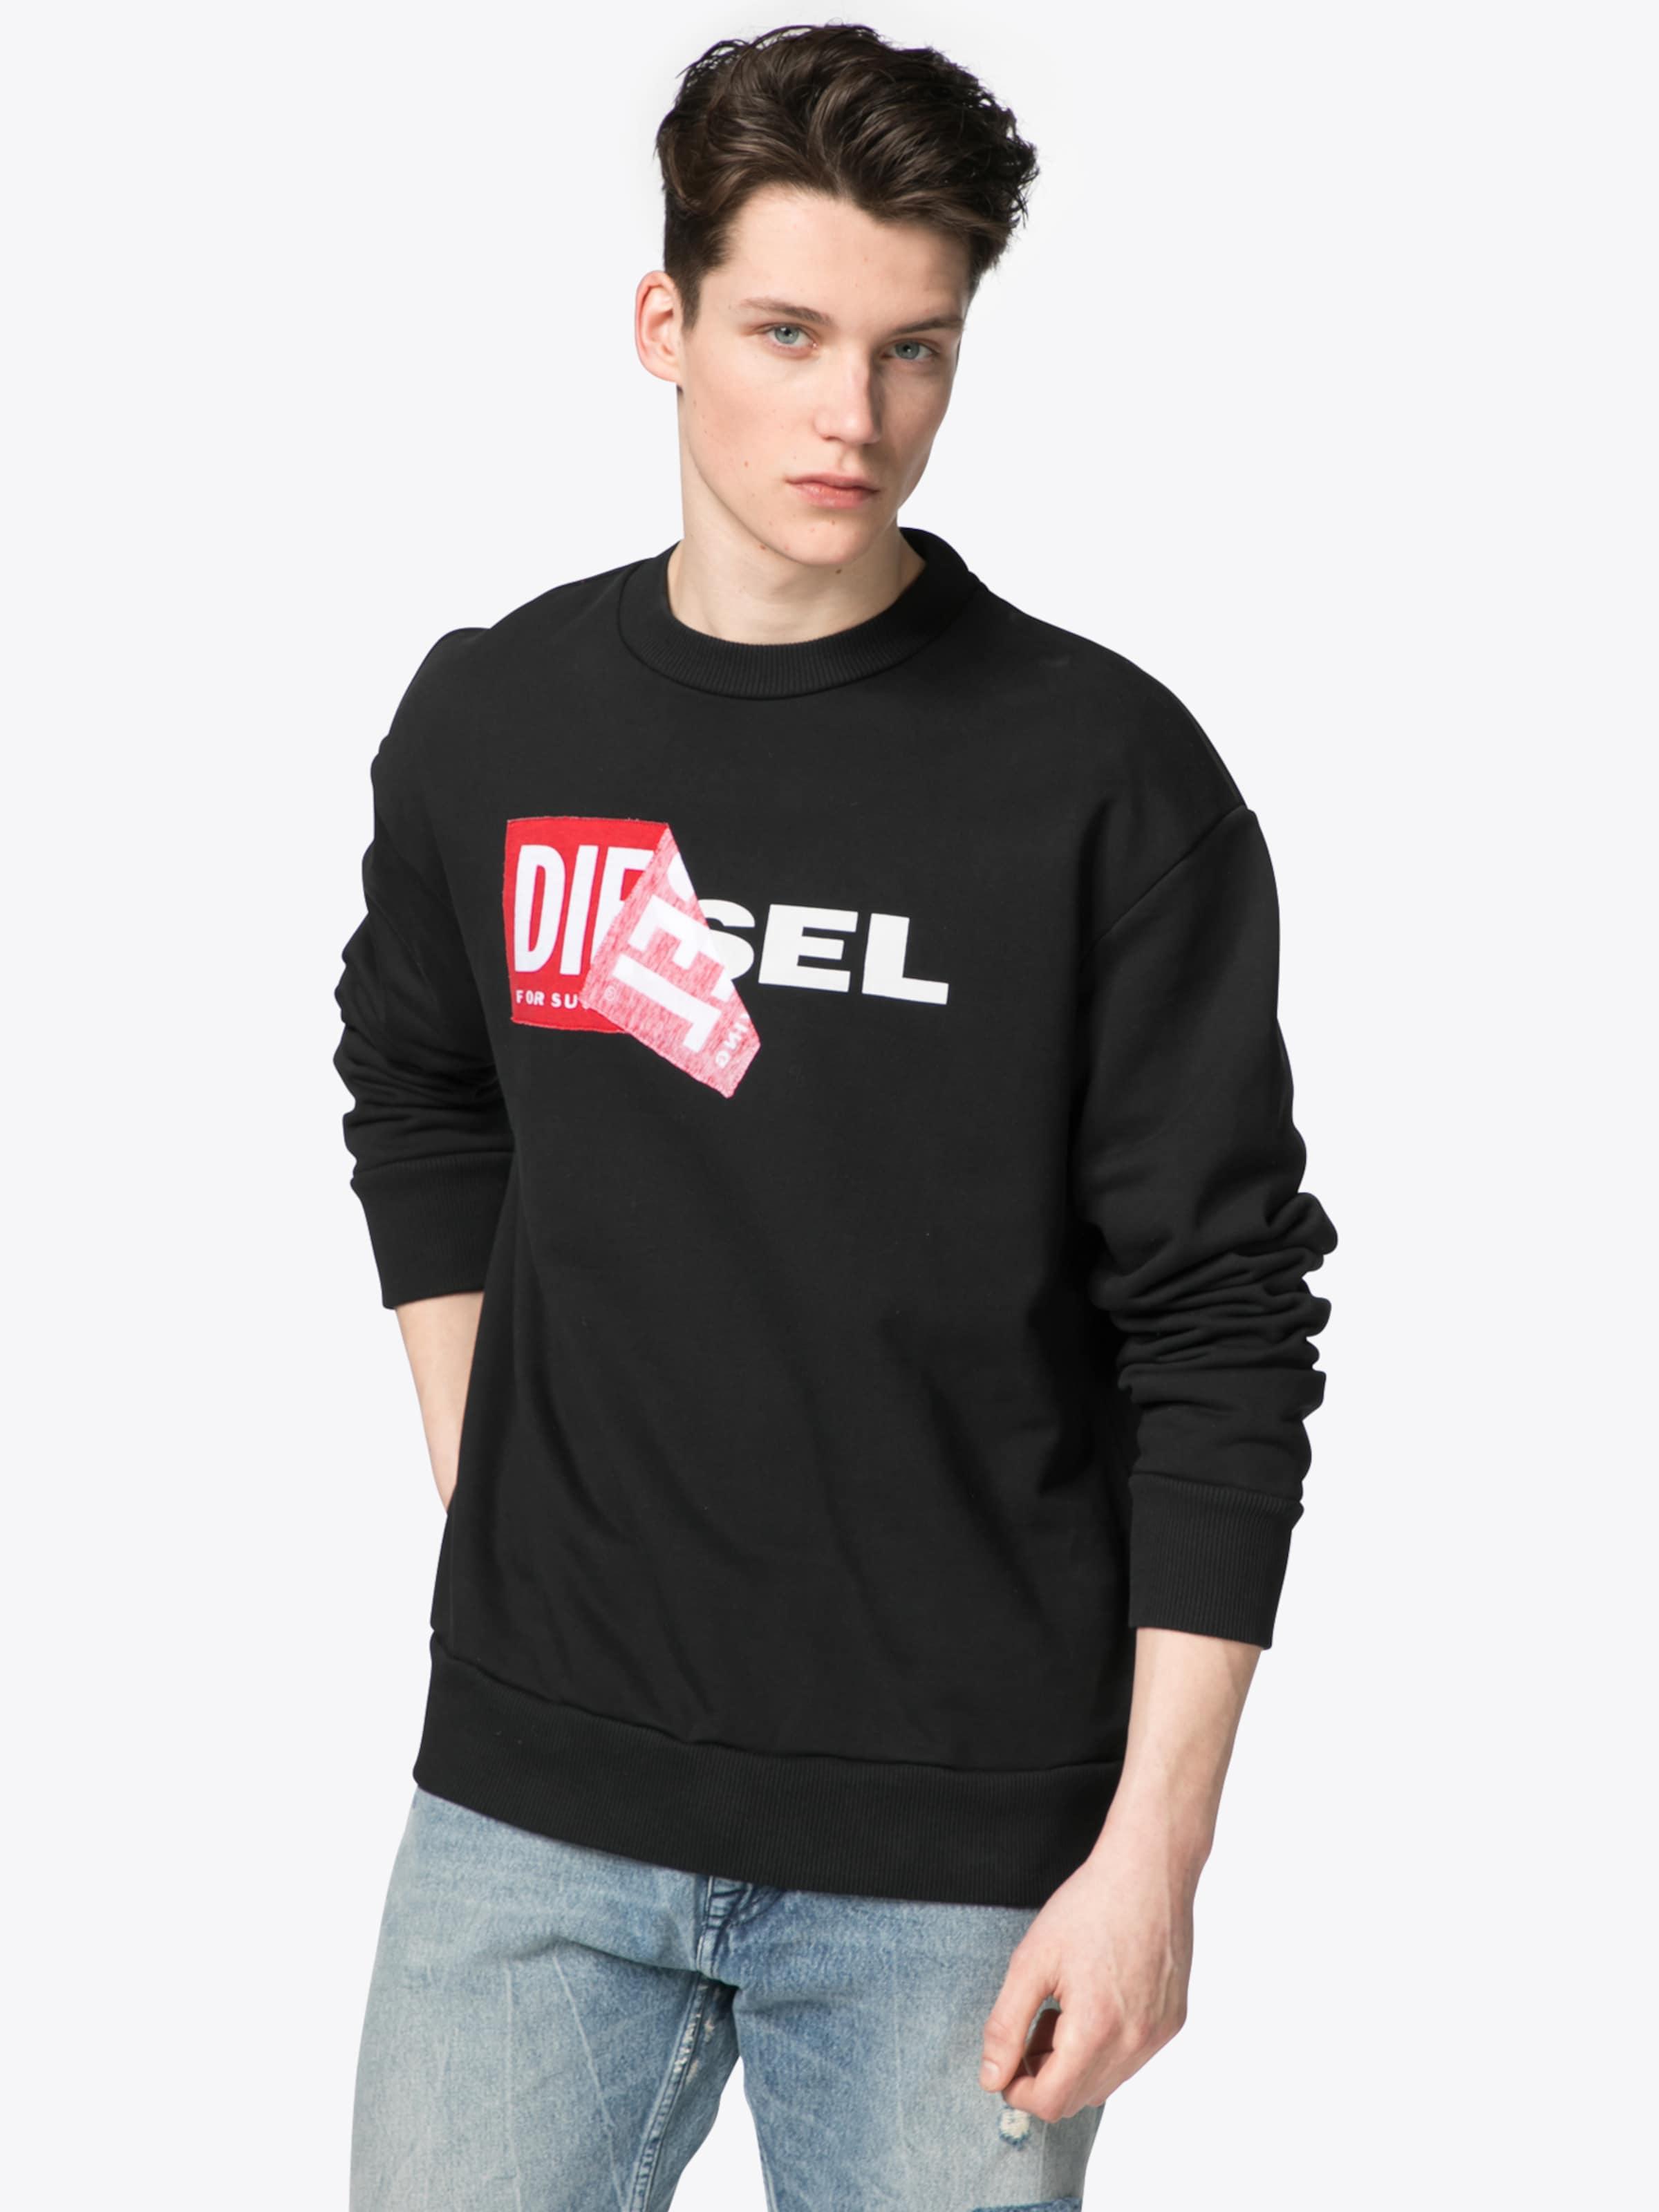 DIESEL Sweatshirt 'S-SAMY' Schnelle Lieferung 2018 Neueste Preiswerte Online Marktfähig Günstiger Preis Verkauf Besten Verkaufs x5Iuxy